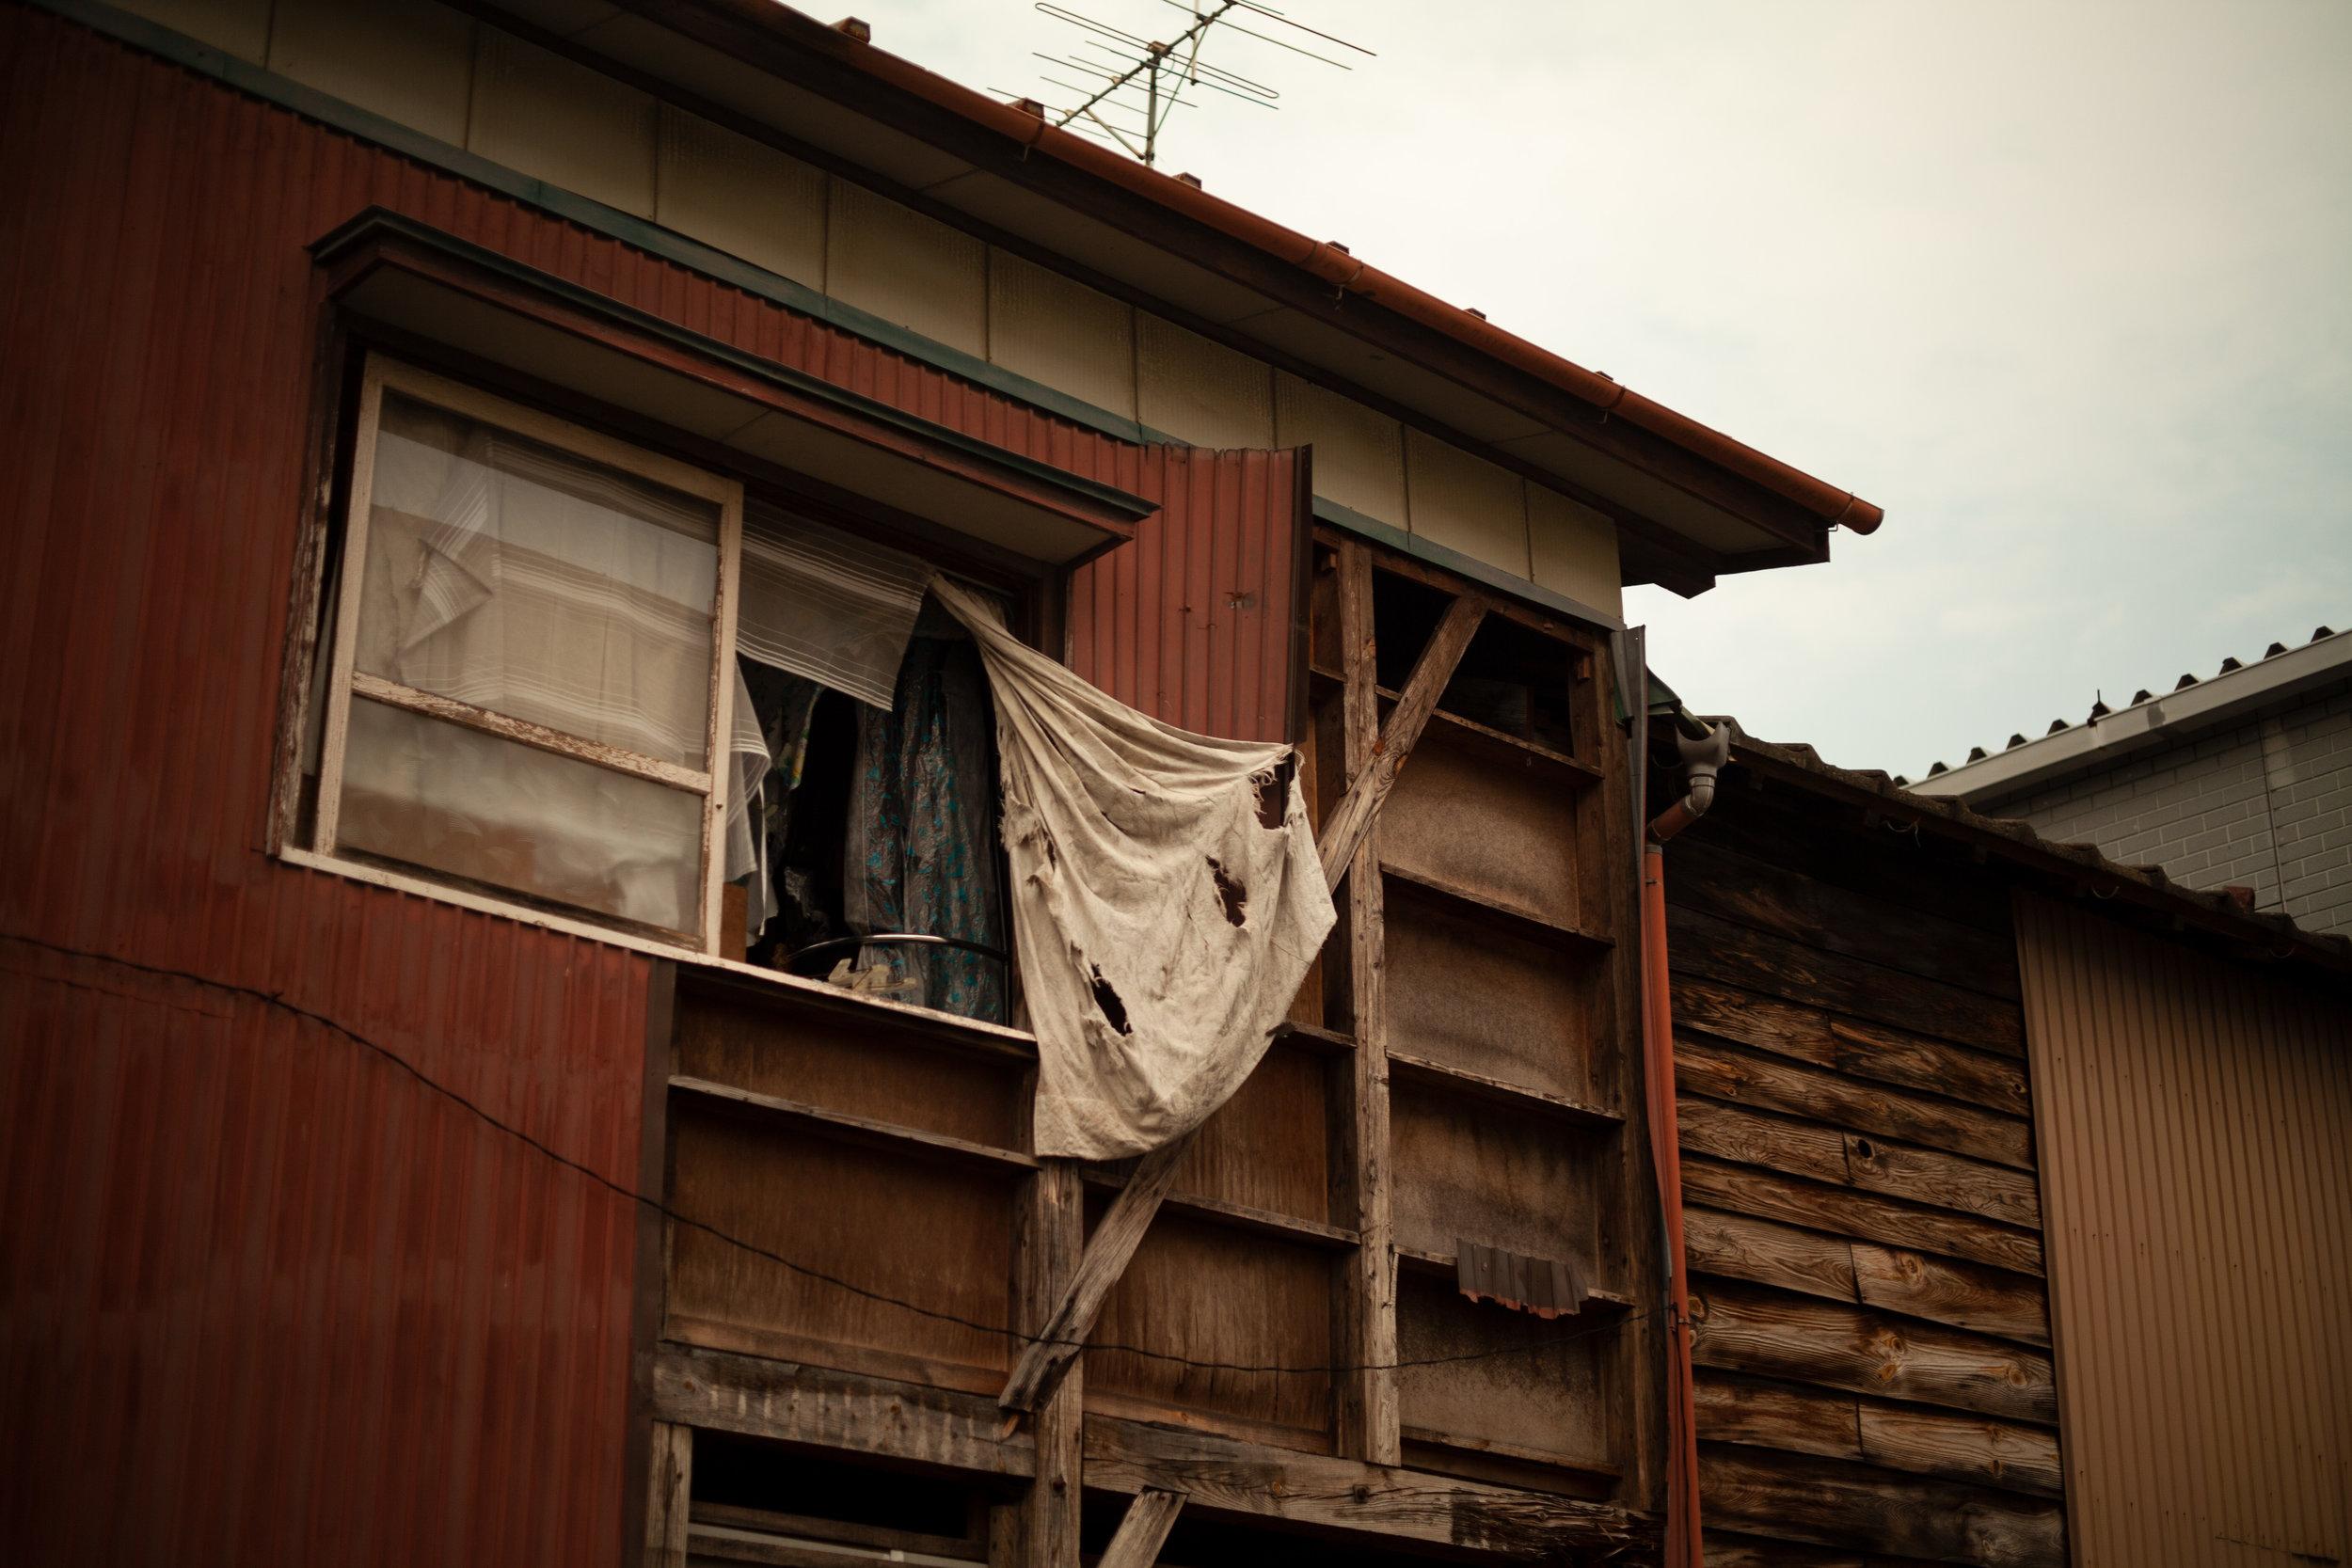 """怖がって ニュース消す子と ふとん干す その時あなたを 守れるだろうかas we air the beddingI wonder, """"could I protect youat such a time ?""""–my child who turned offthe news in fear - 佐藤 由佳 (新潟県 2011年4月)Yuka Sato, Niigata April 2011"""